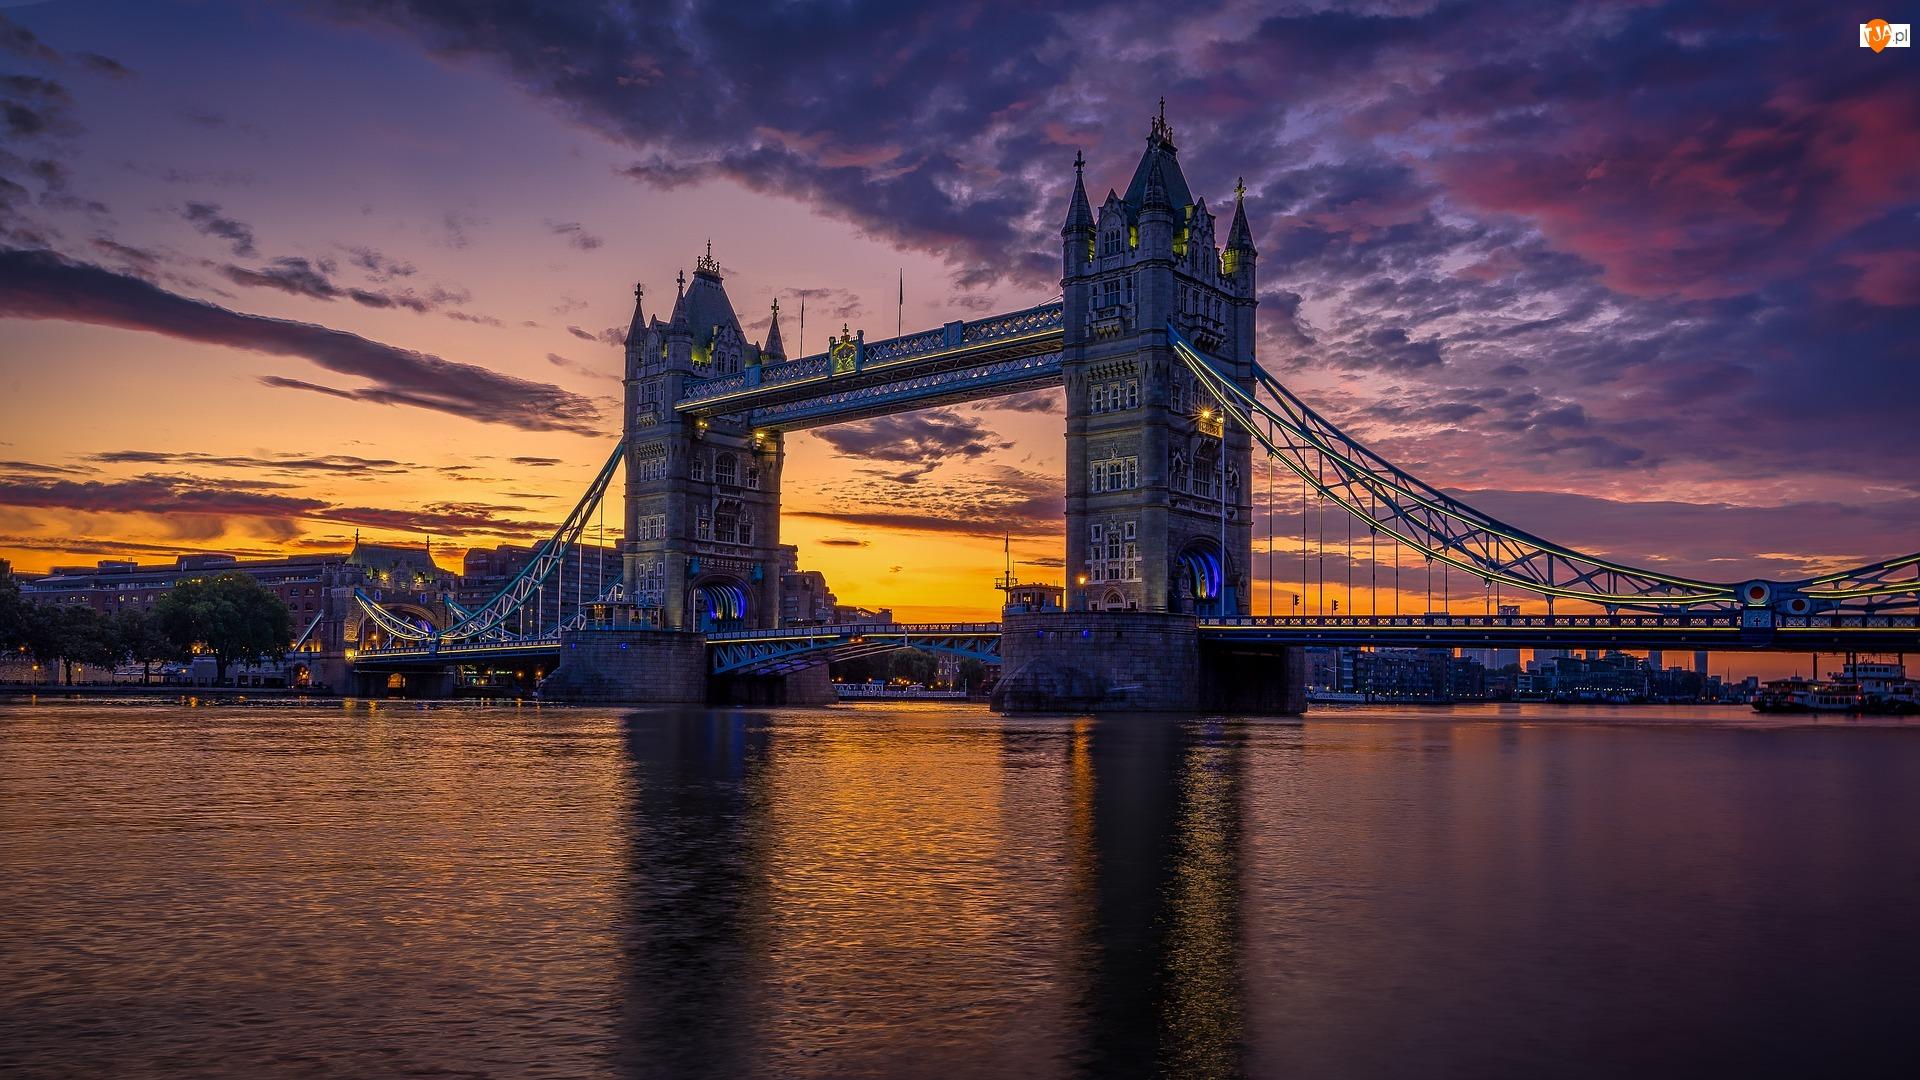 Wschód słońca, Londyn, Chmury, Ławki, Latarnie, Rzeka Tamiza, Most, Anglia, Tower Bridge